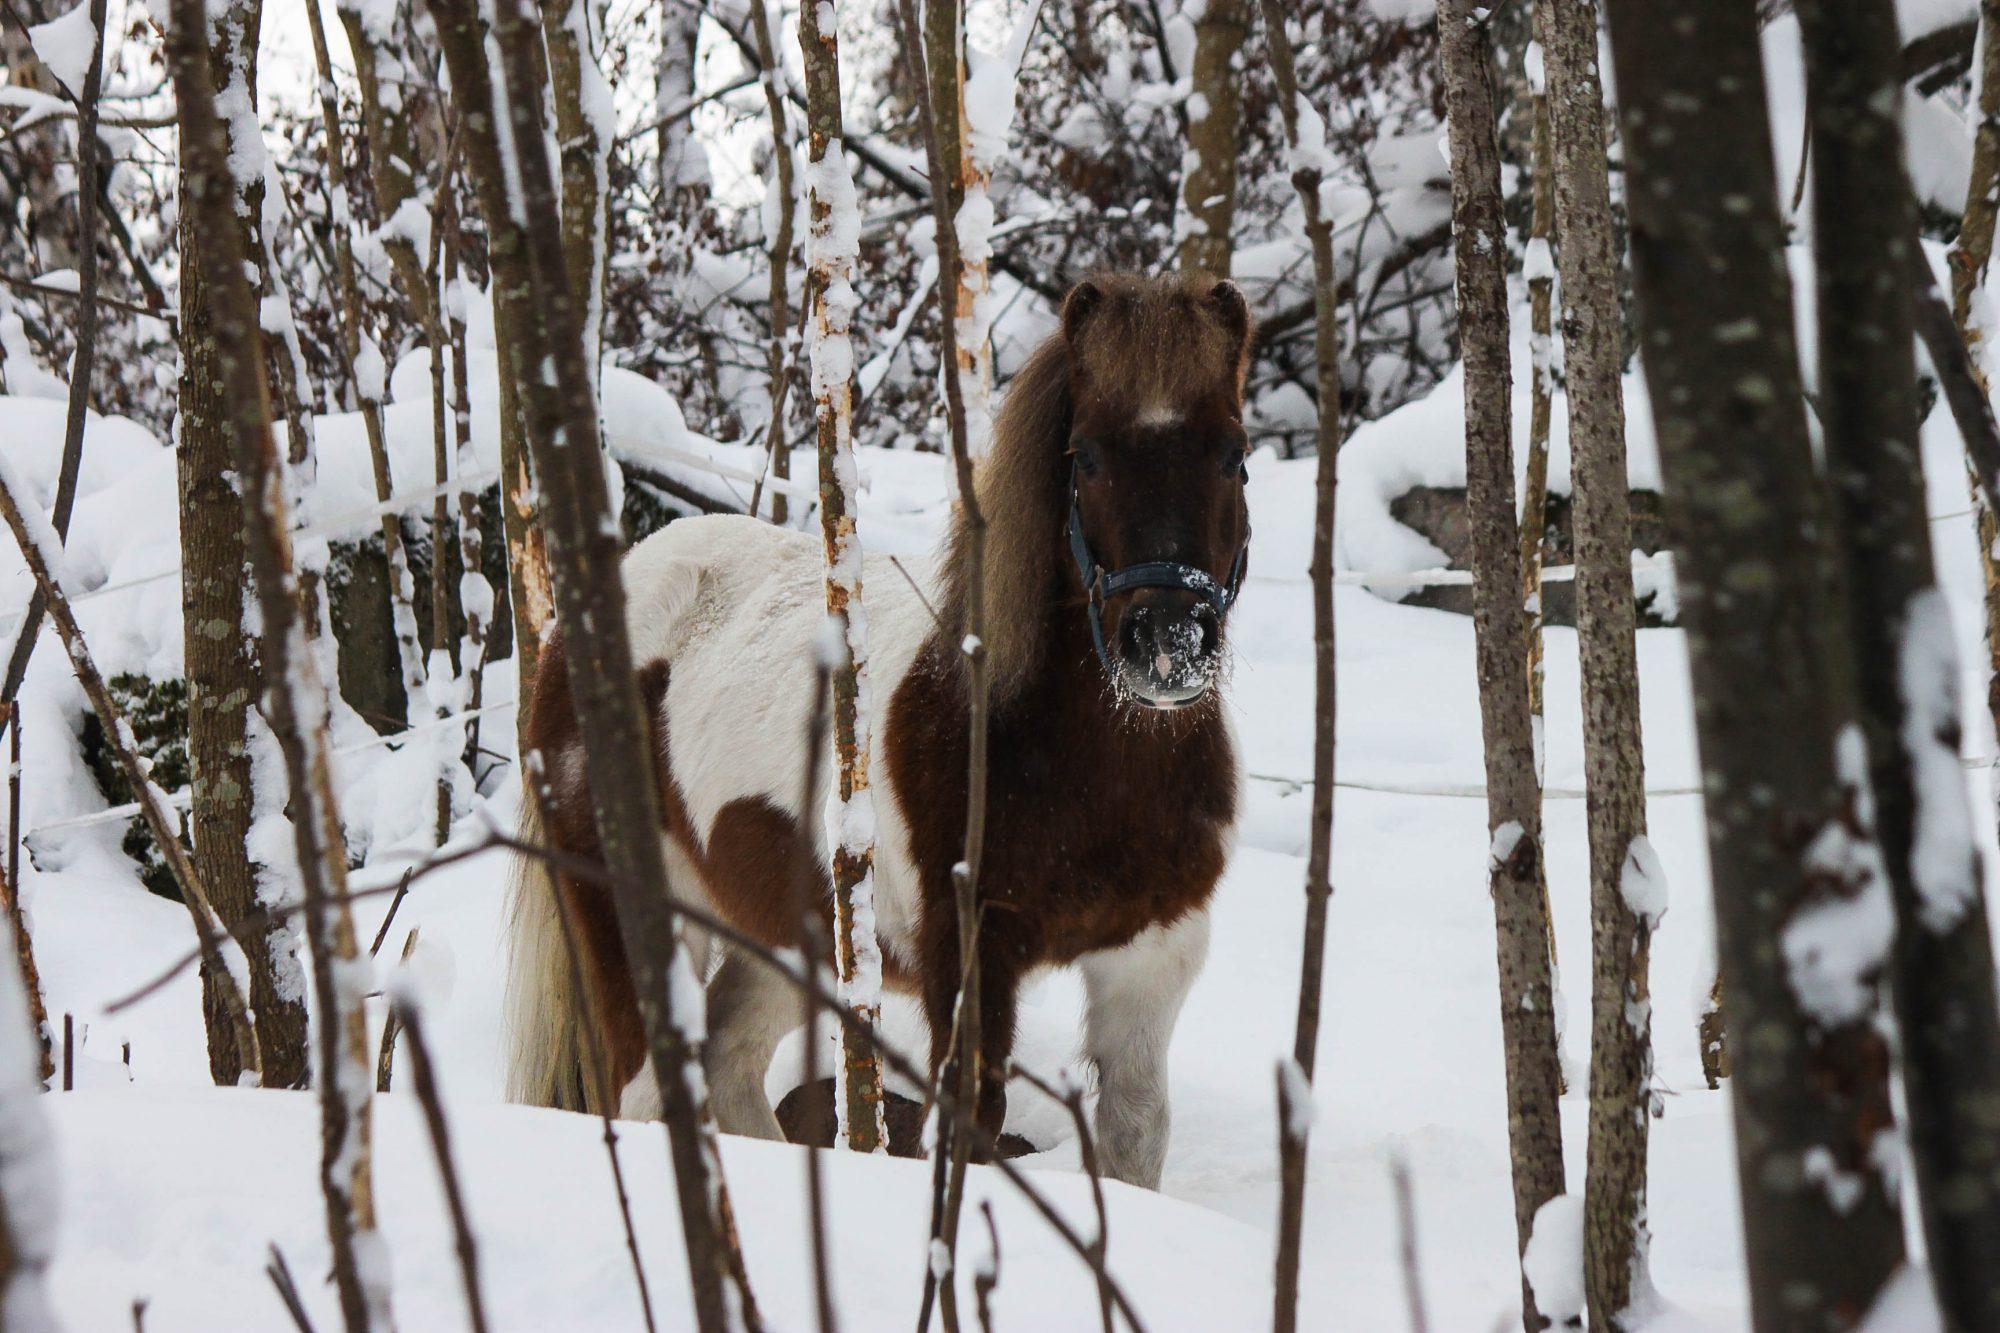 Poni-haka ponisynttäri kuva